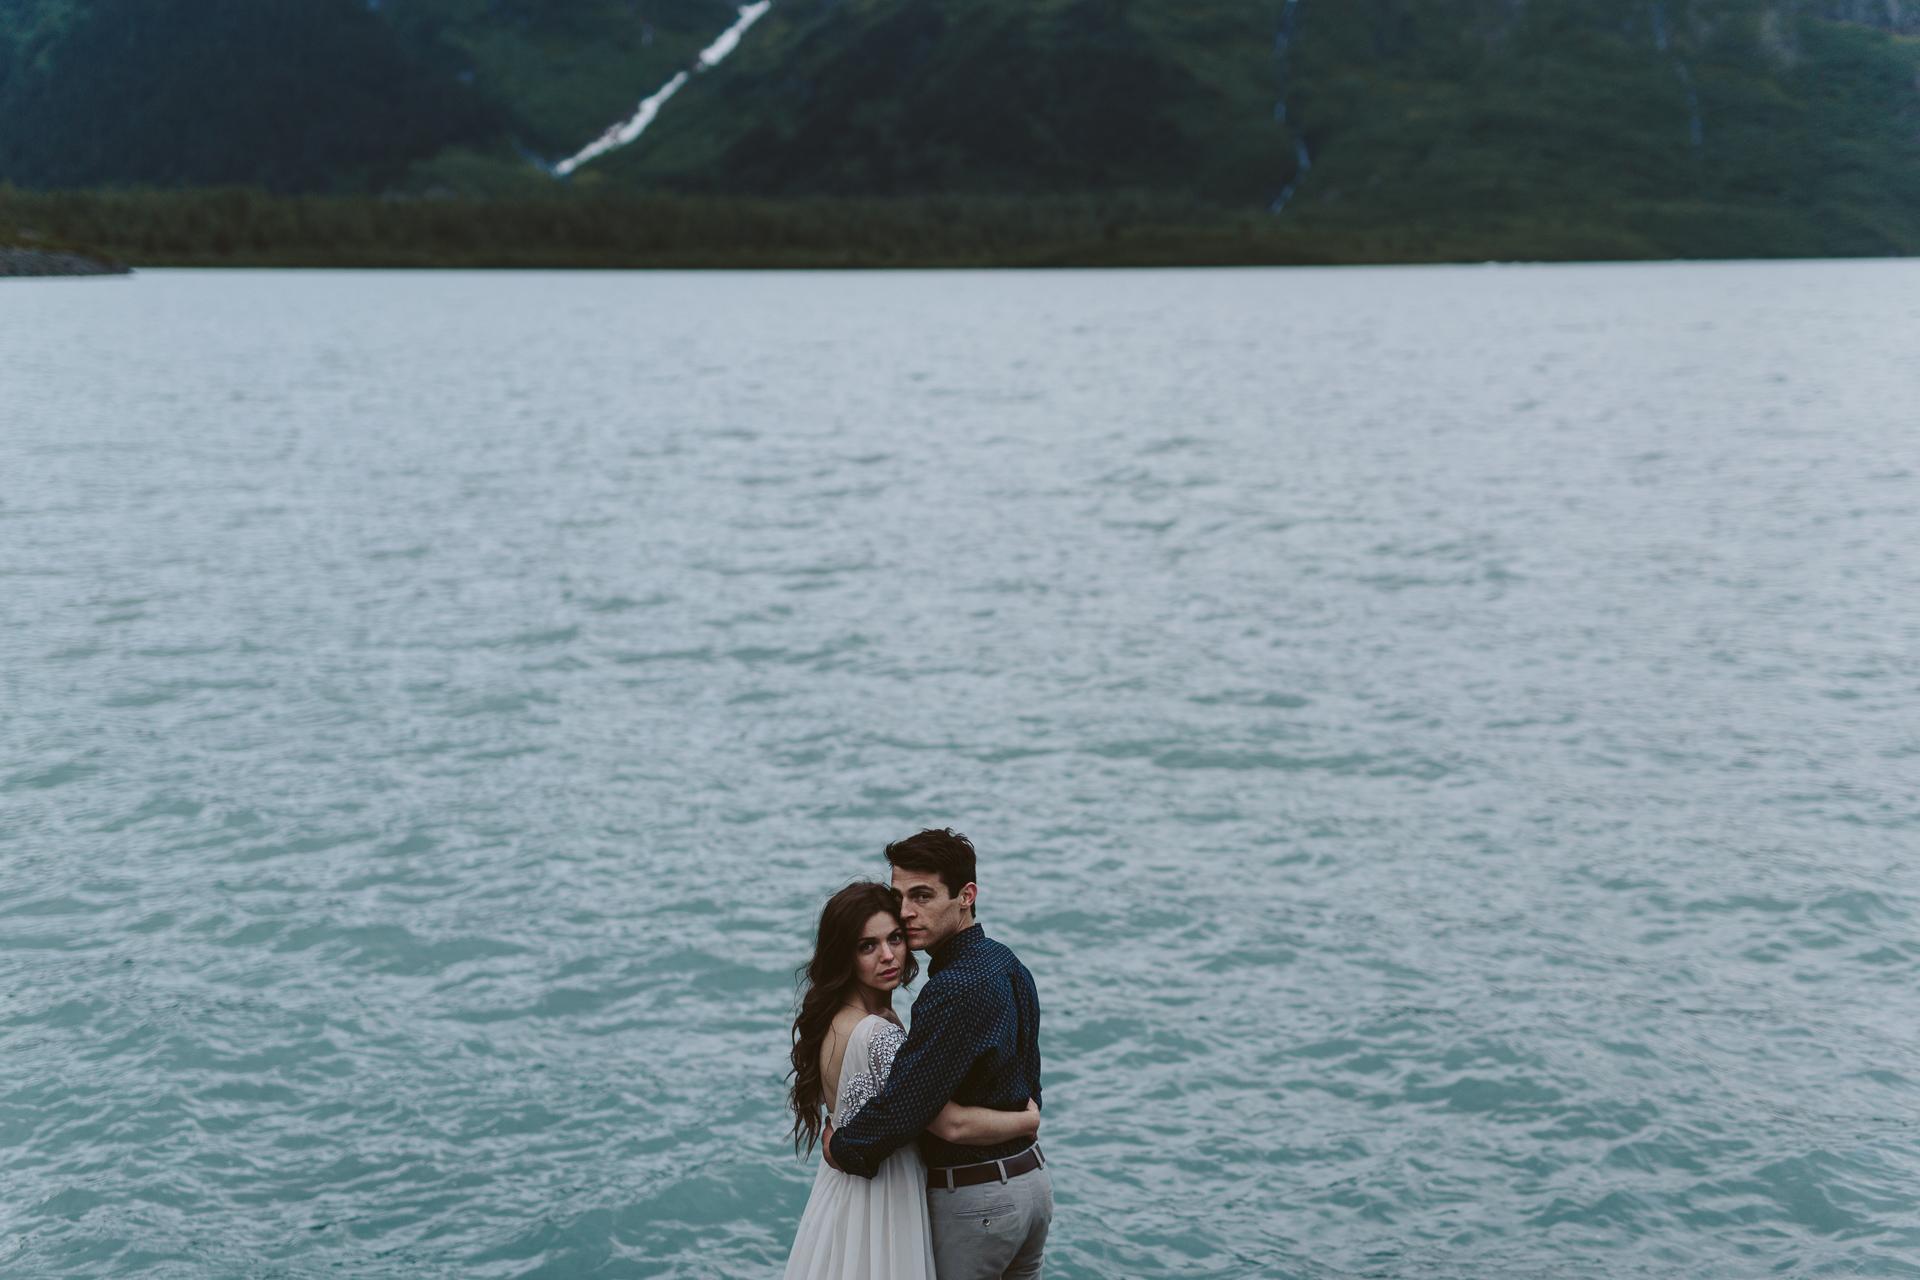 jess-hunter-photographer-alaska-destination-elopement-6487.jpg